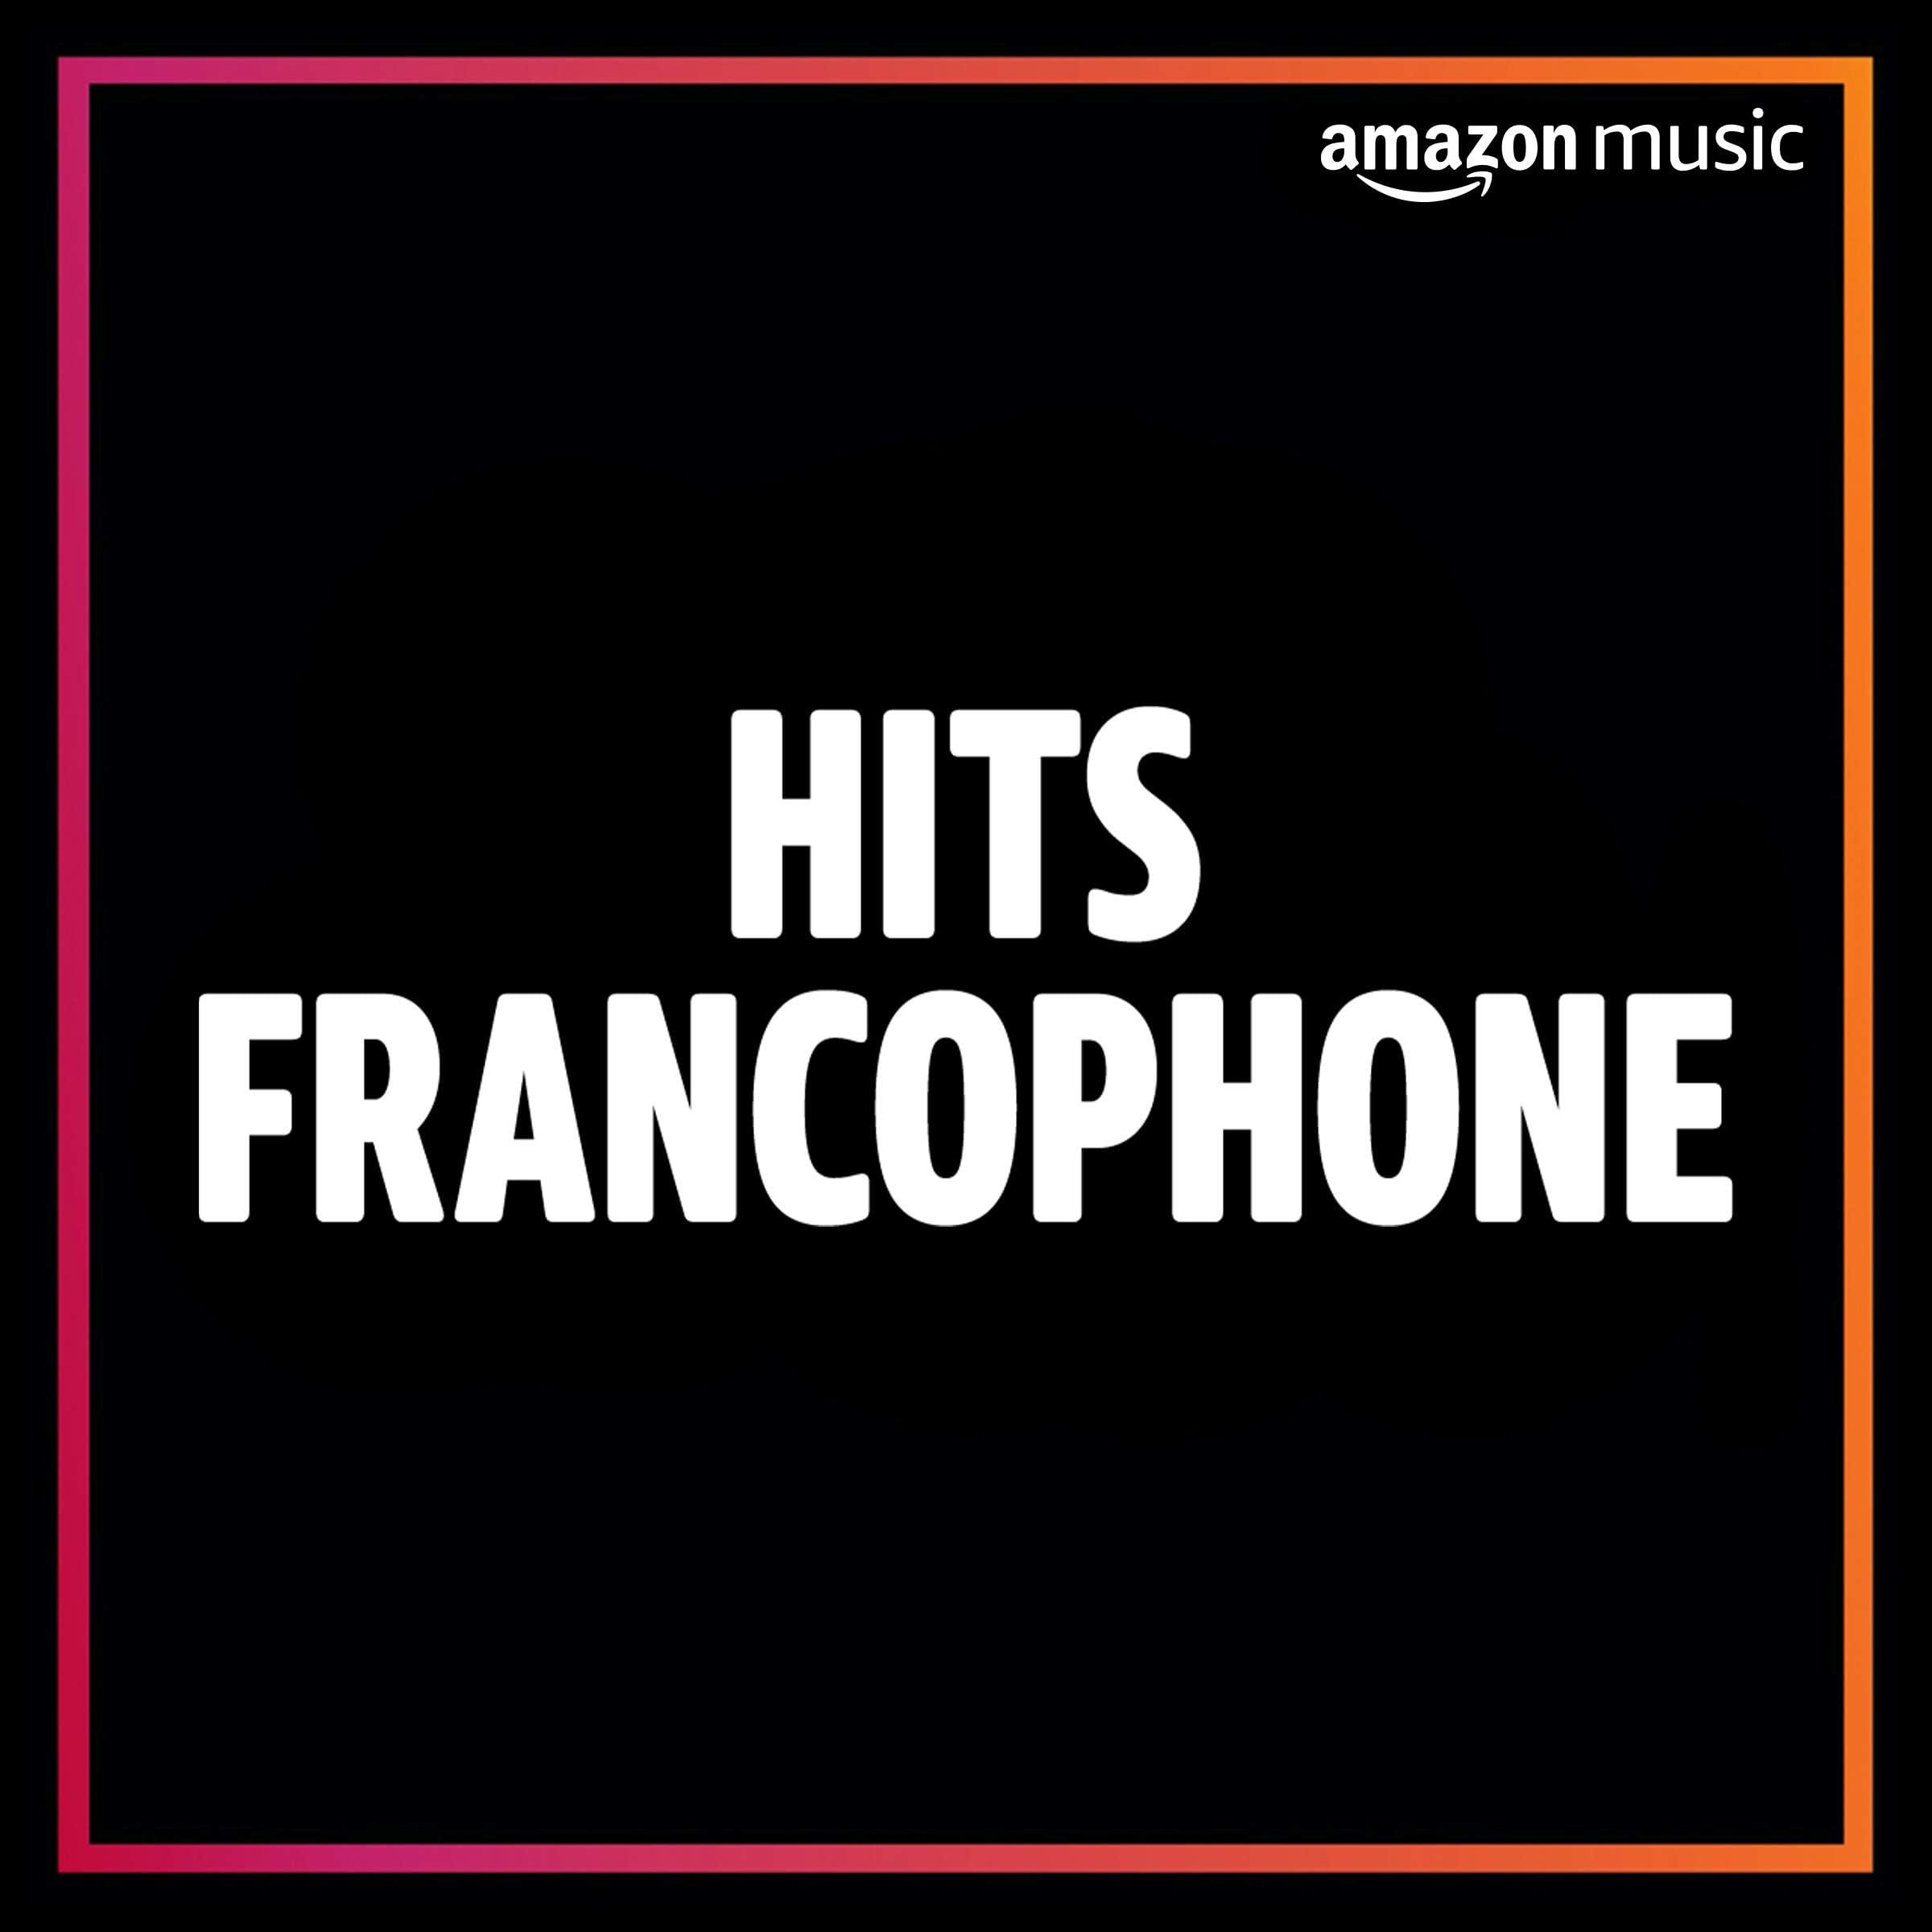 Hits Francophone